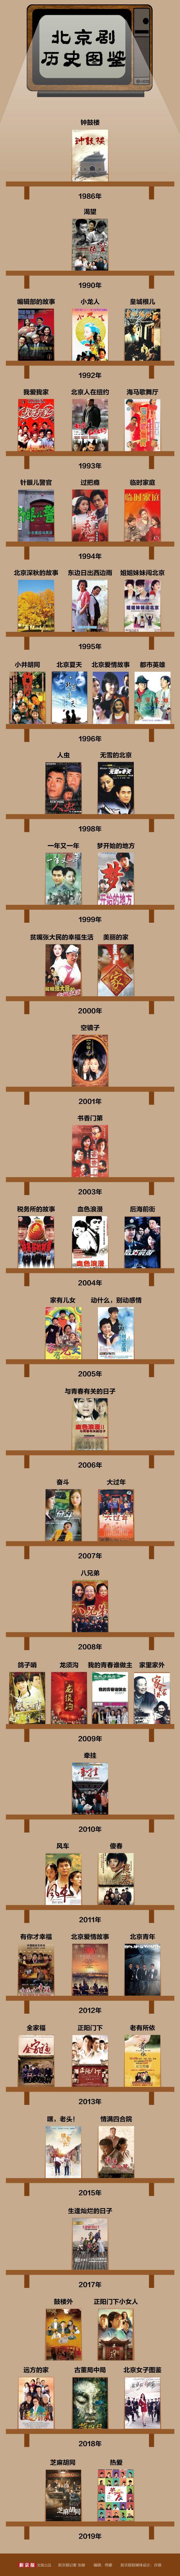 http://www.hljold.org.cn/shehuiwanxiang/355331.html